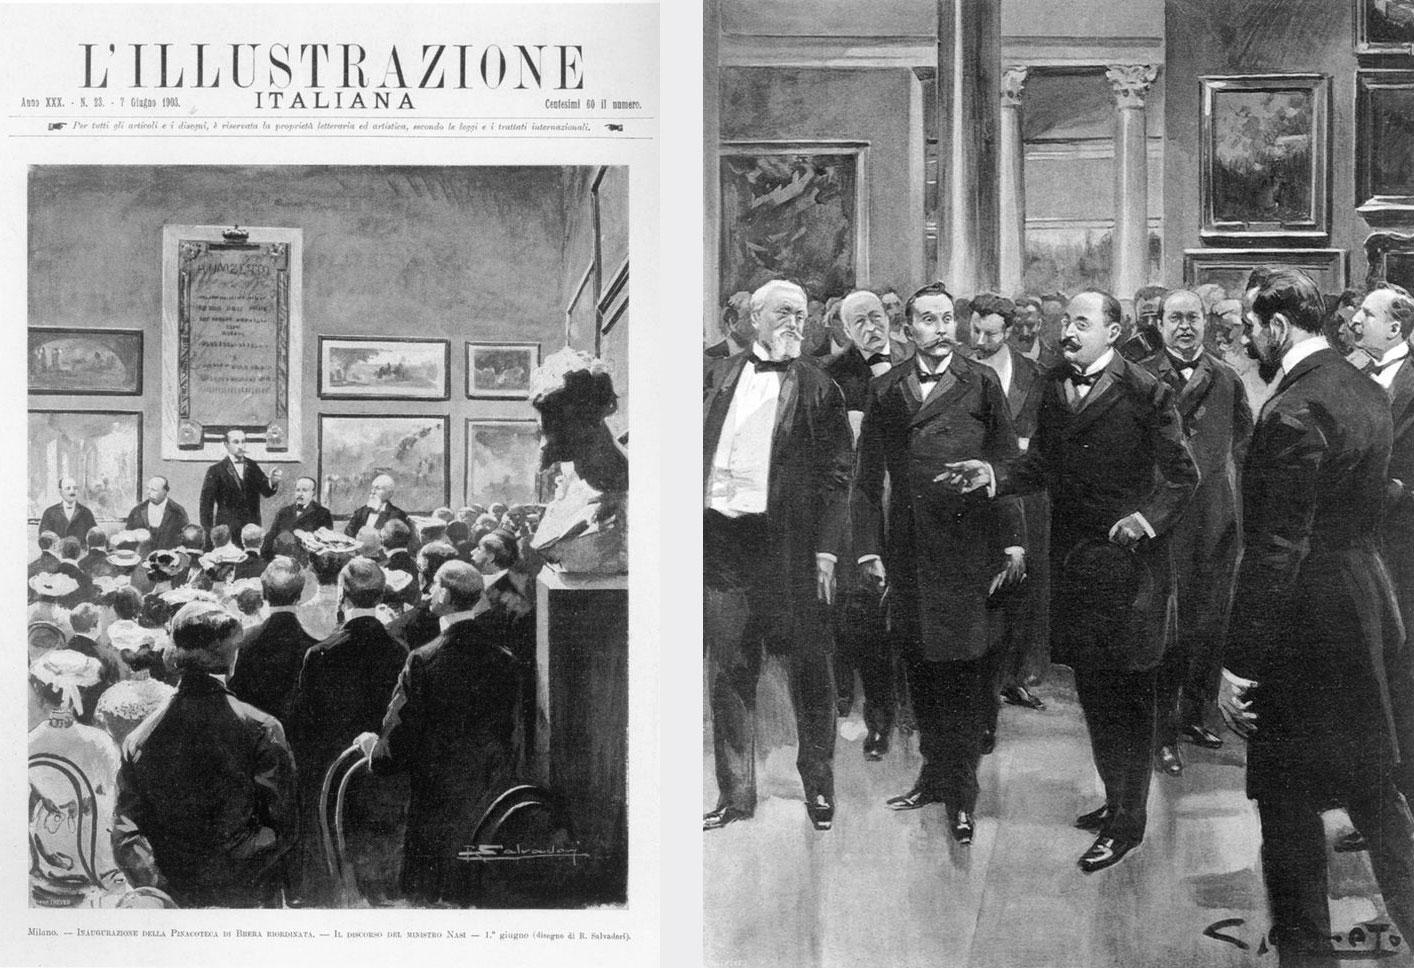 Il Ministro Nasi visita la Pinacoteca riordinata. 7 giugno 1903